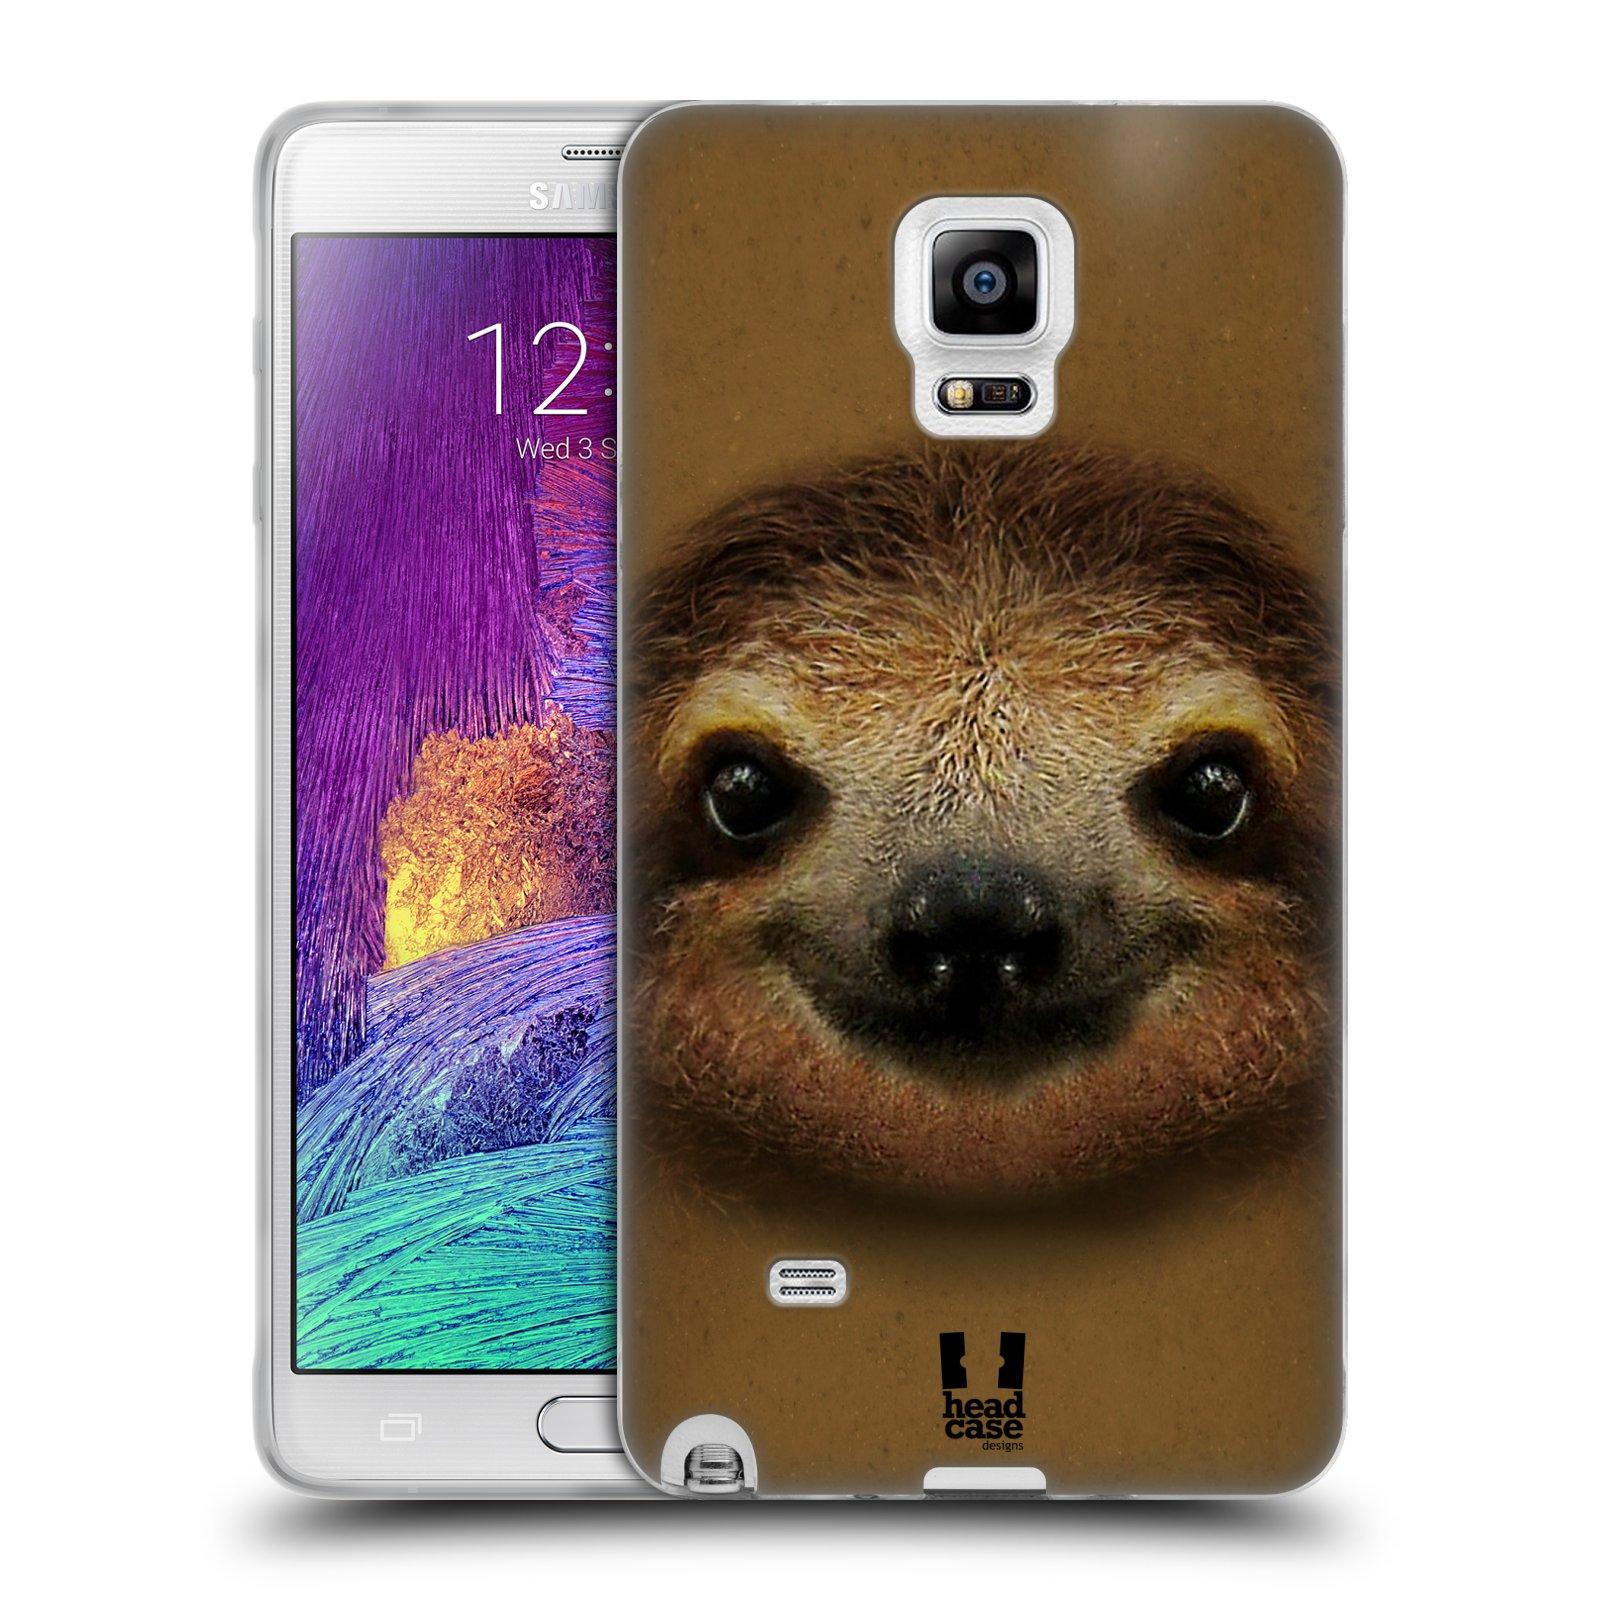 HEAD CASE silikonový obal na mobil Samsung Galaxy Note 4 (N910) vzor Zvířecí tváře 2 lenochod